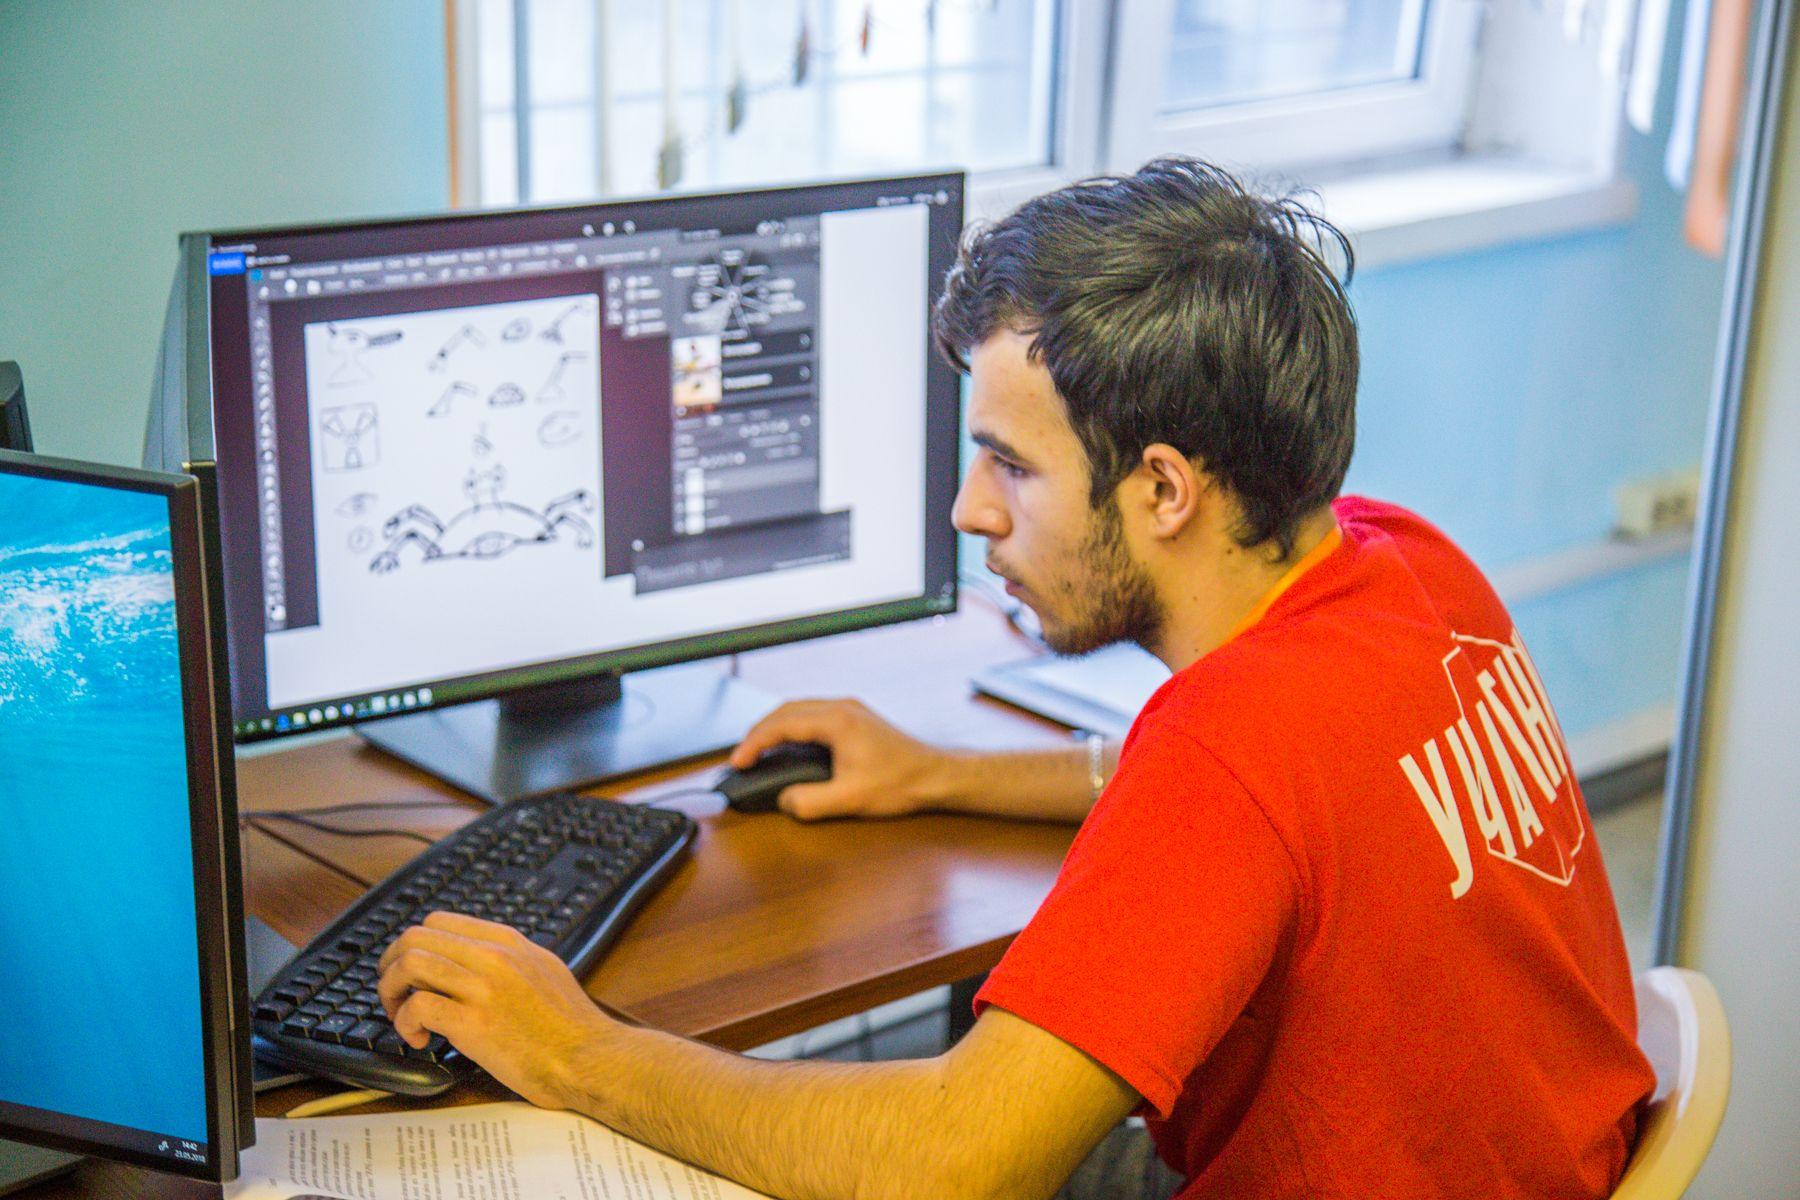 Геймдизайн и автомобильные сайты от студентов ВГУЭС